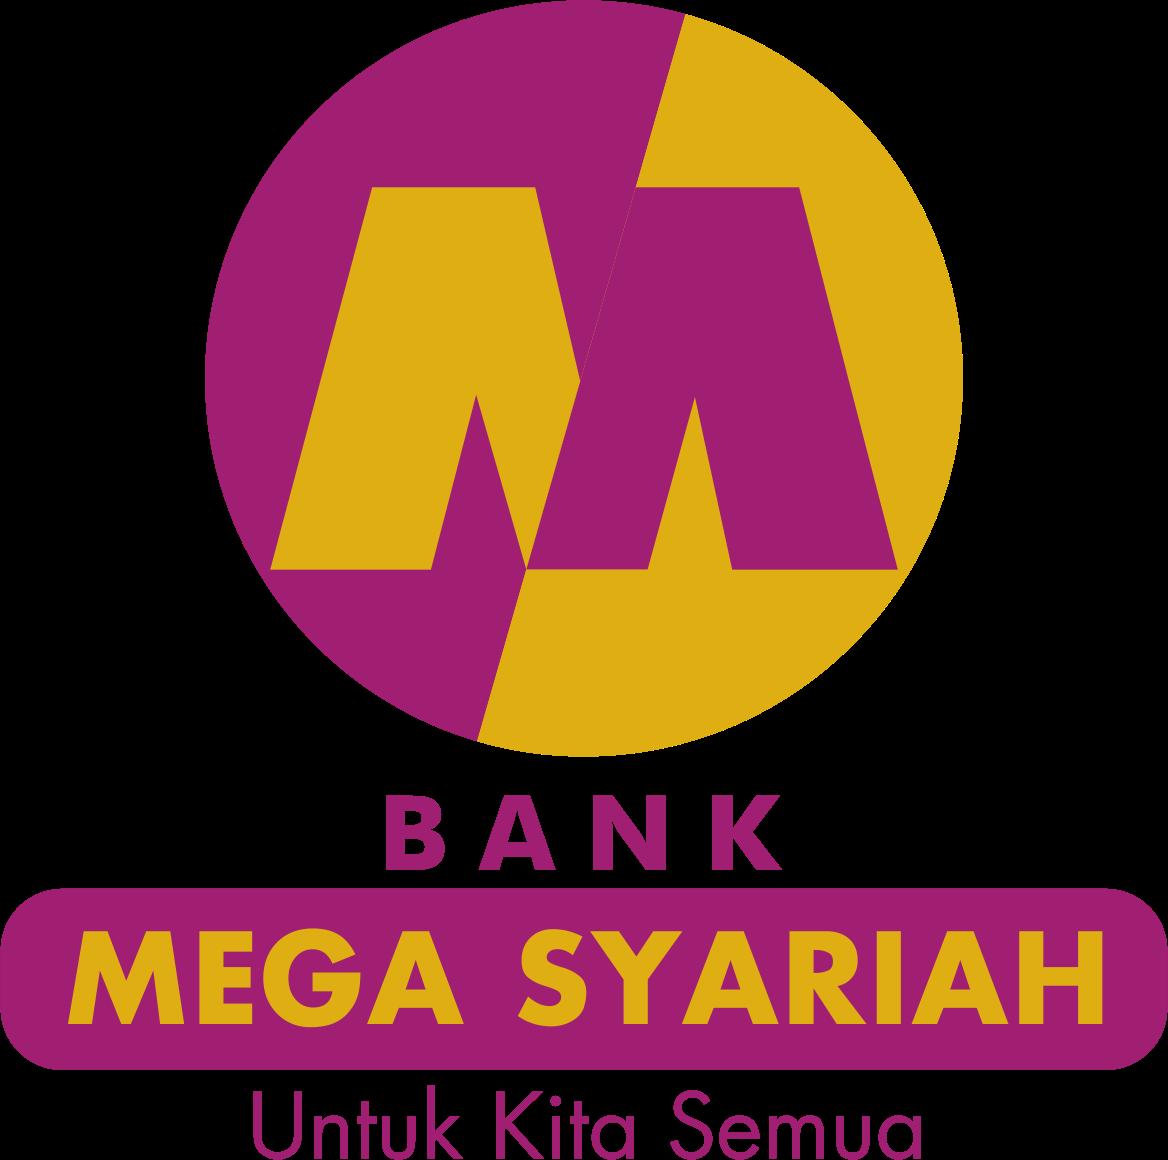 bank di indonesia mega syariah